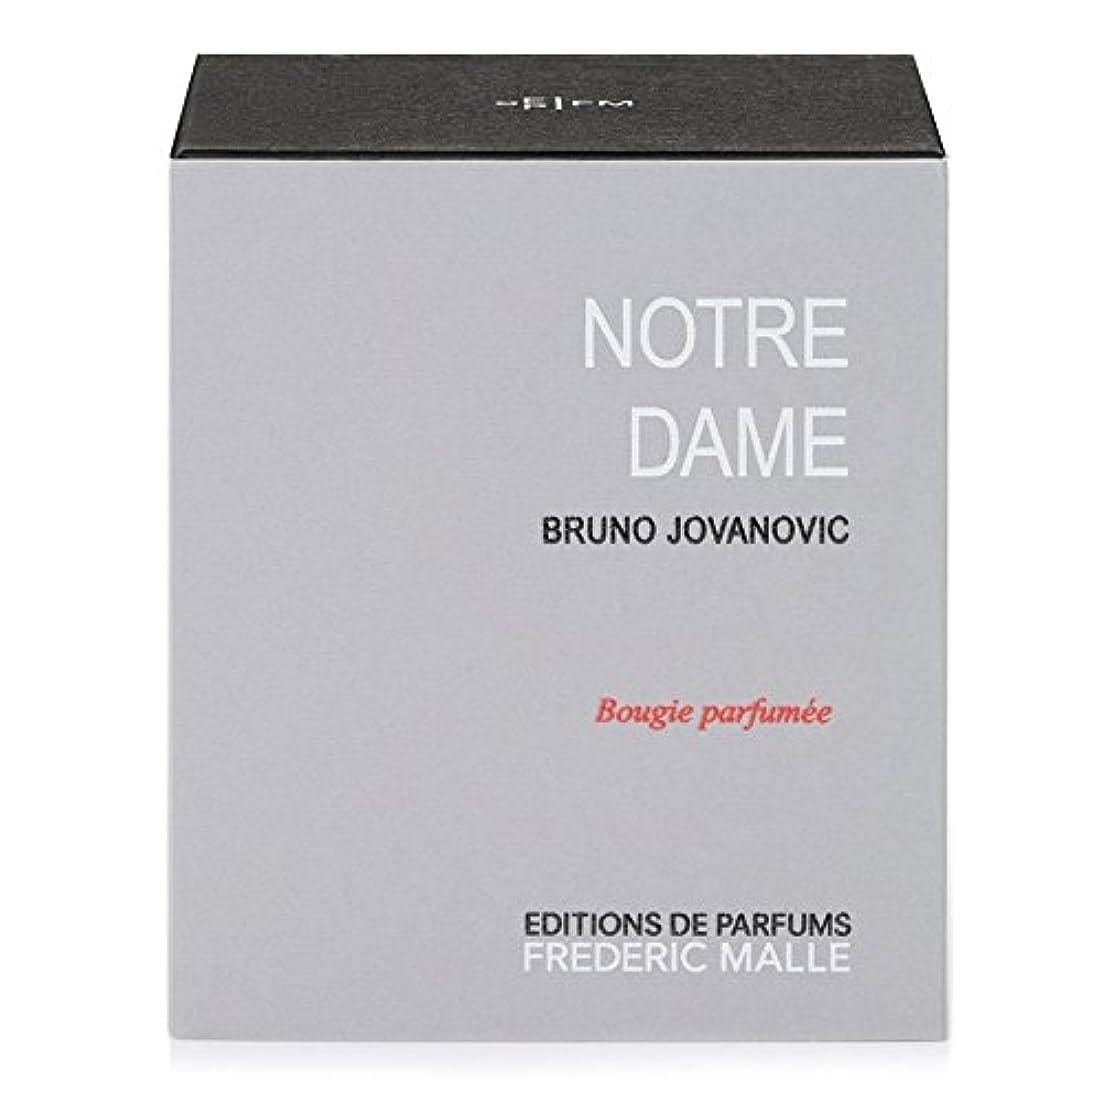 配当ガラガラオプショナルFrederic Malle Notre Dame Scented Candle 220g (Pack of 4) - フレデリック?マルノートルダム香りのキャンドル220グラム x4 [並行輸入品]